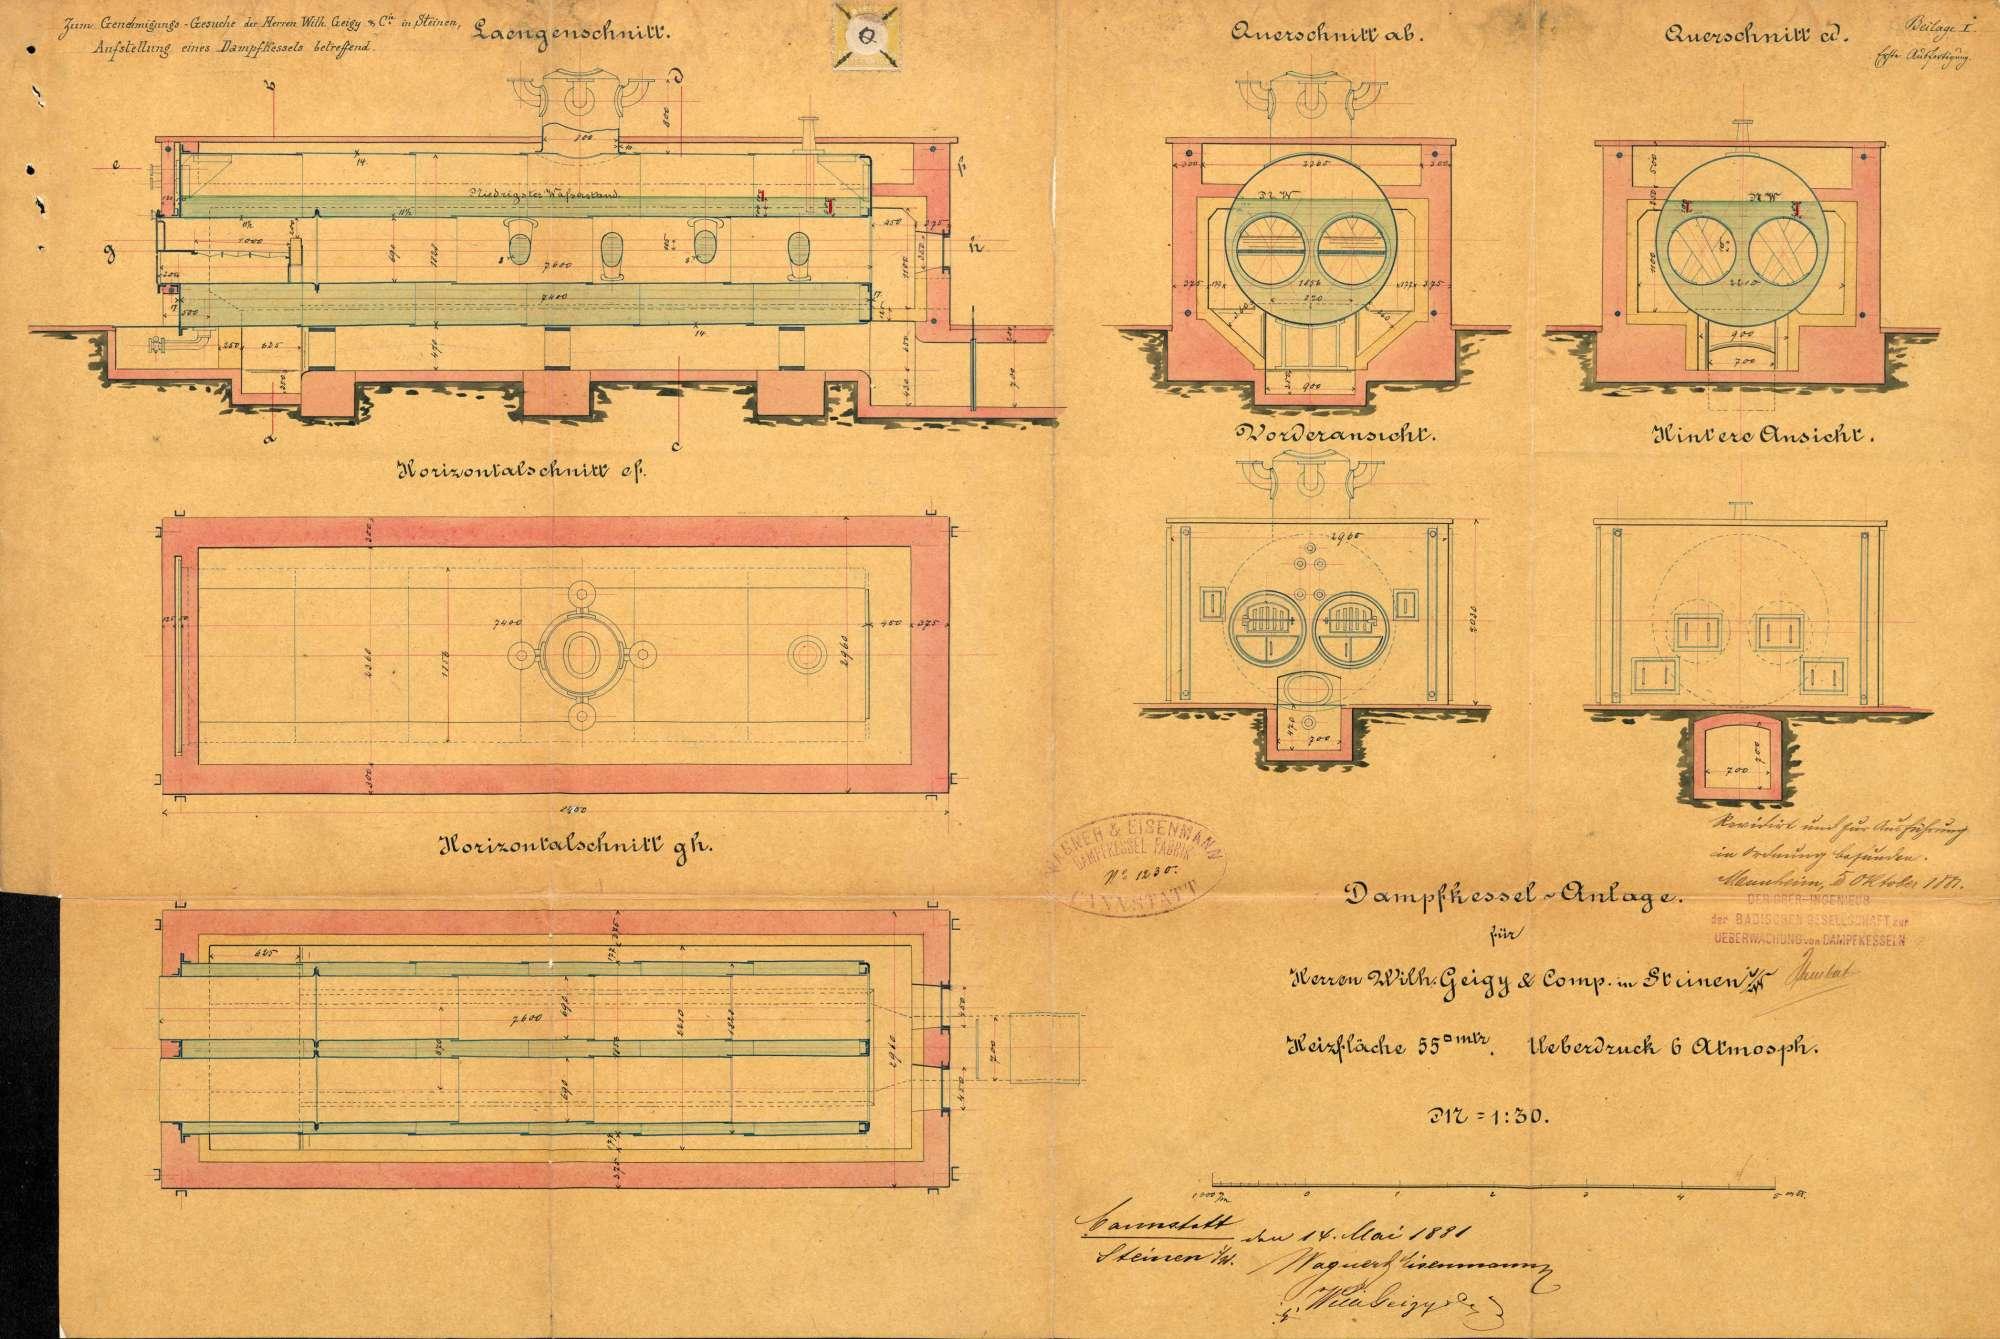 Ausgezeichnet Arbeit Des Dampfkessels Fotos - Der Schaltplan ...